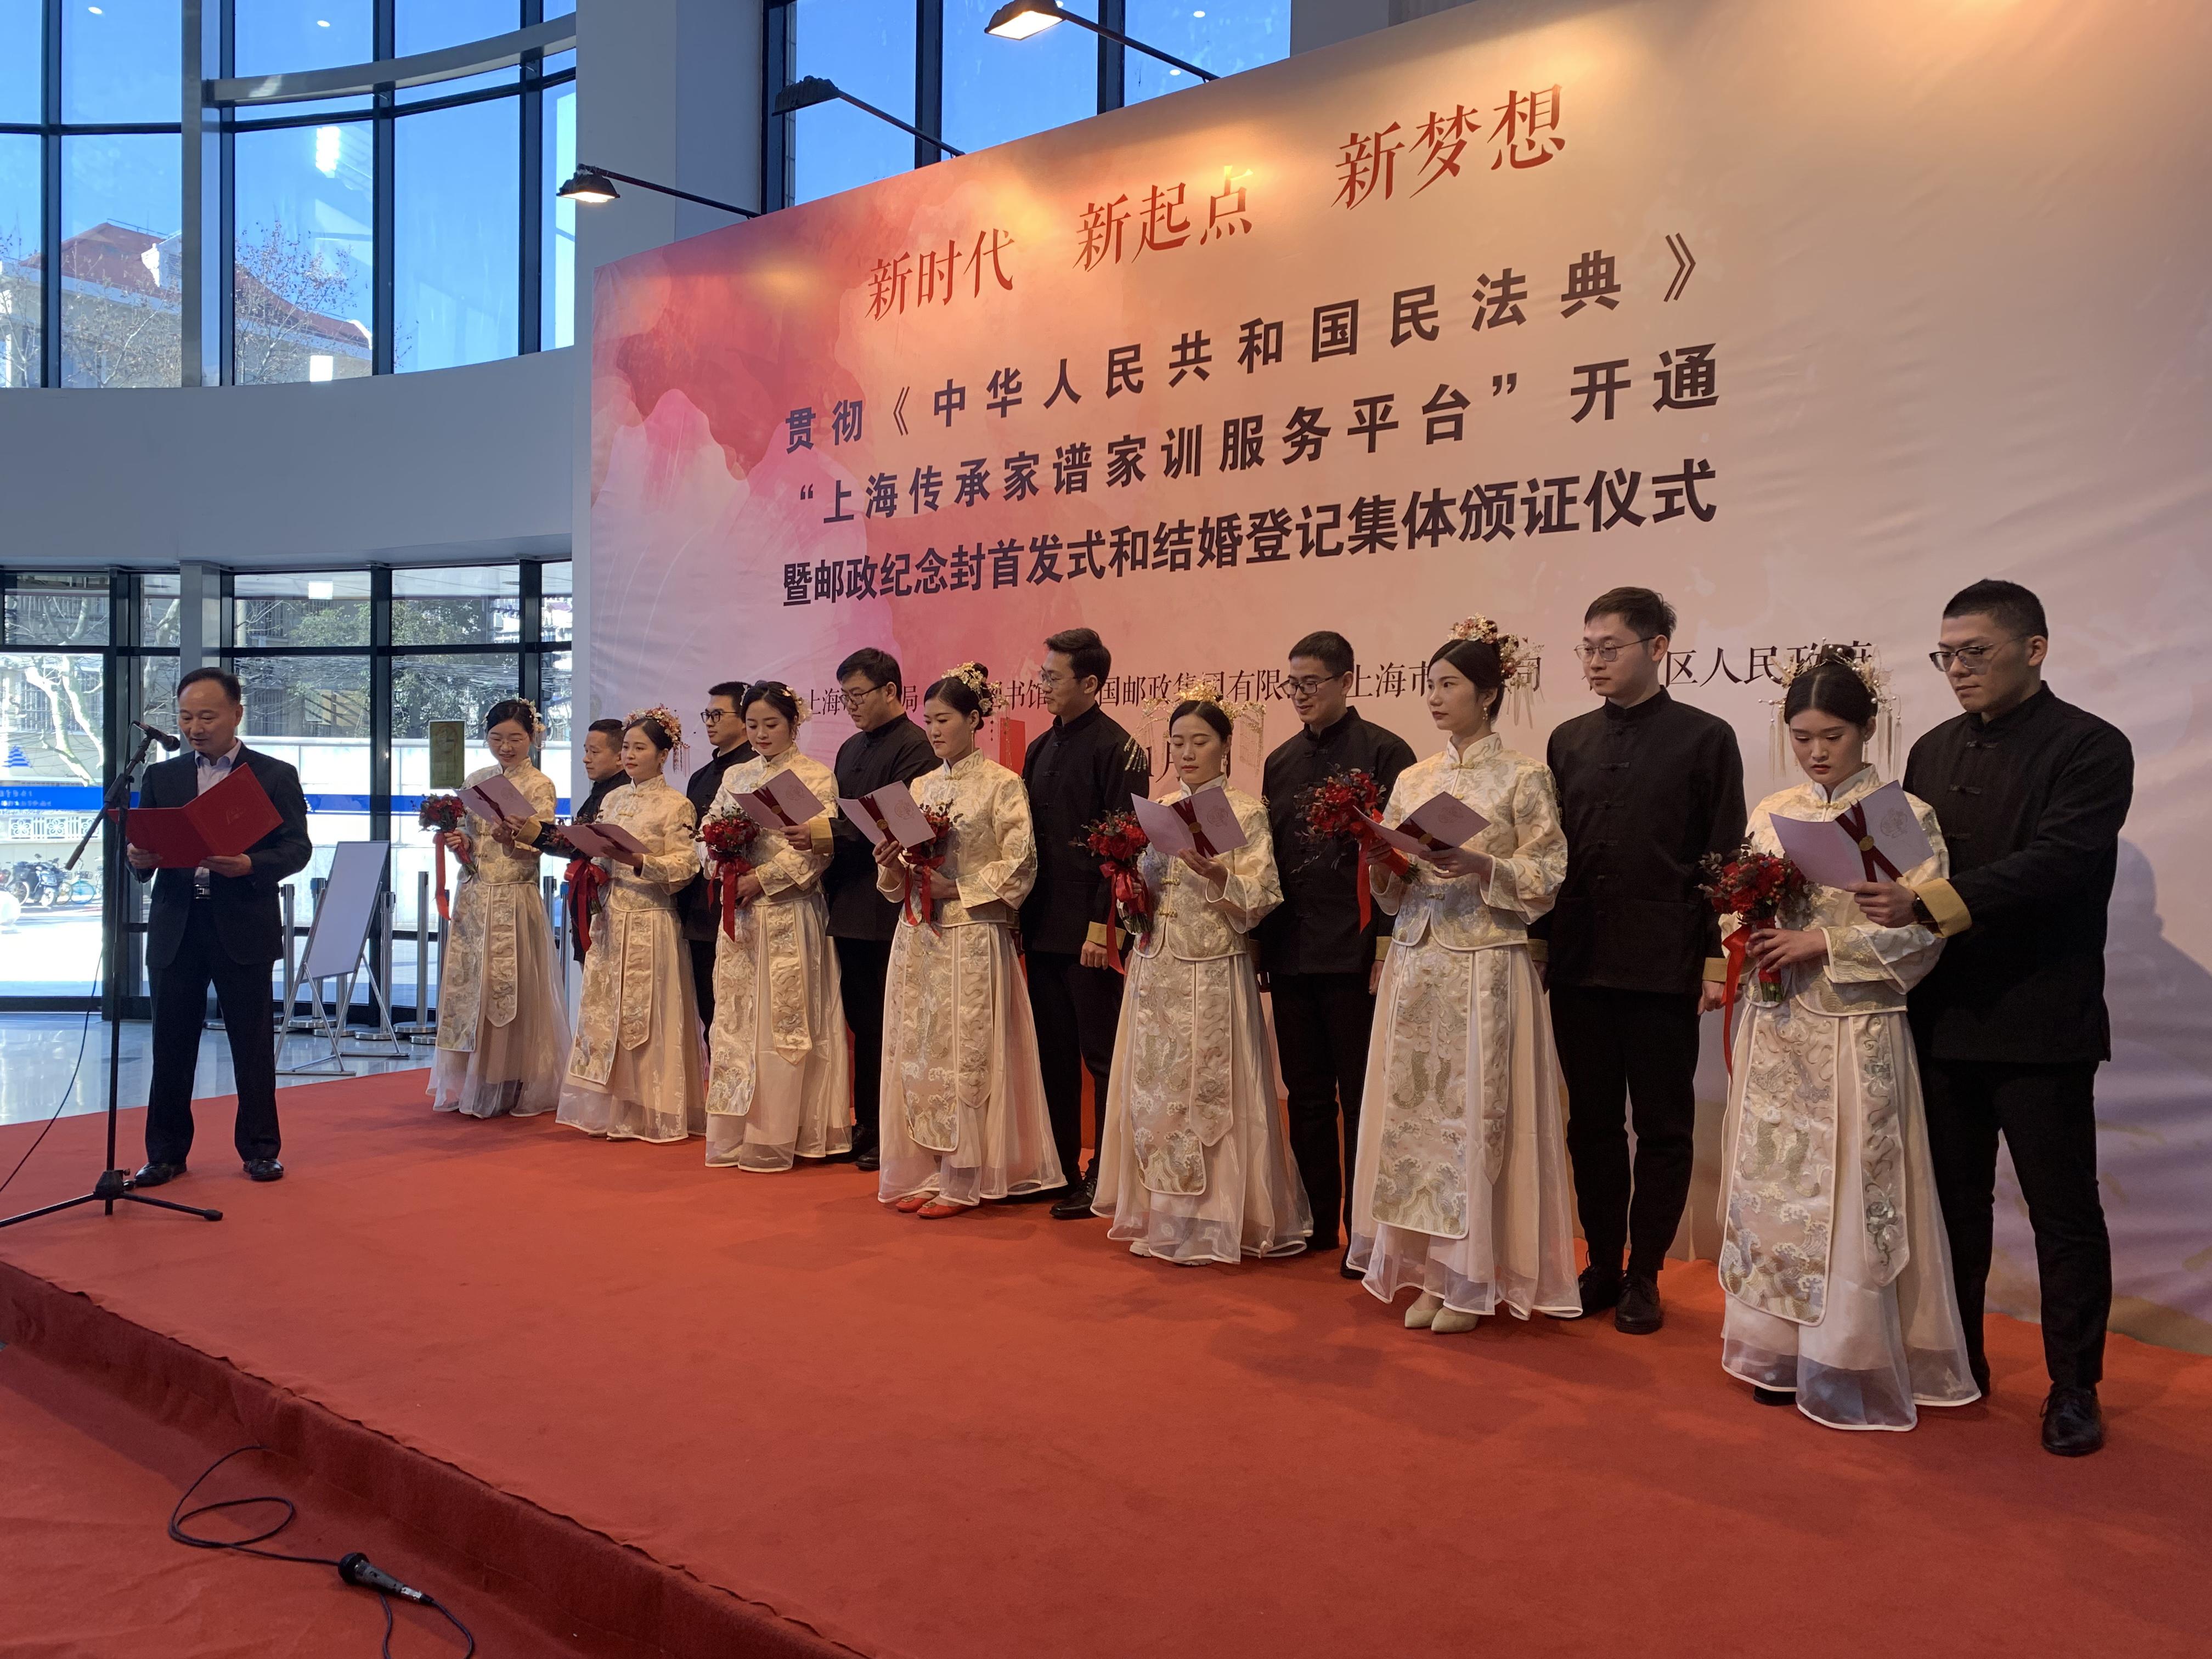 集体结婚颁证仪式现场 本文图片澎湃新闻高级记者 栾晓娜 图